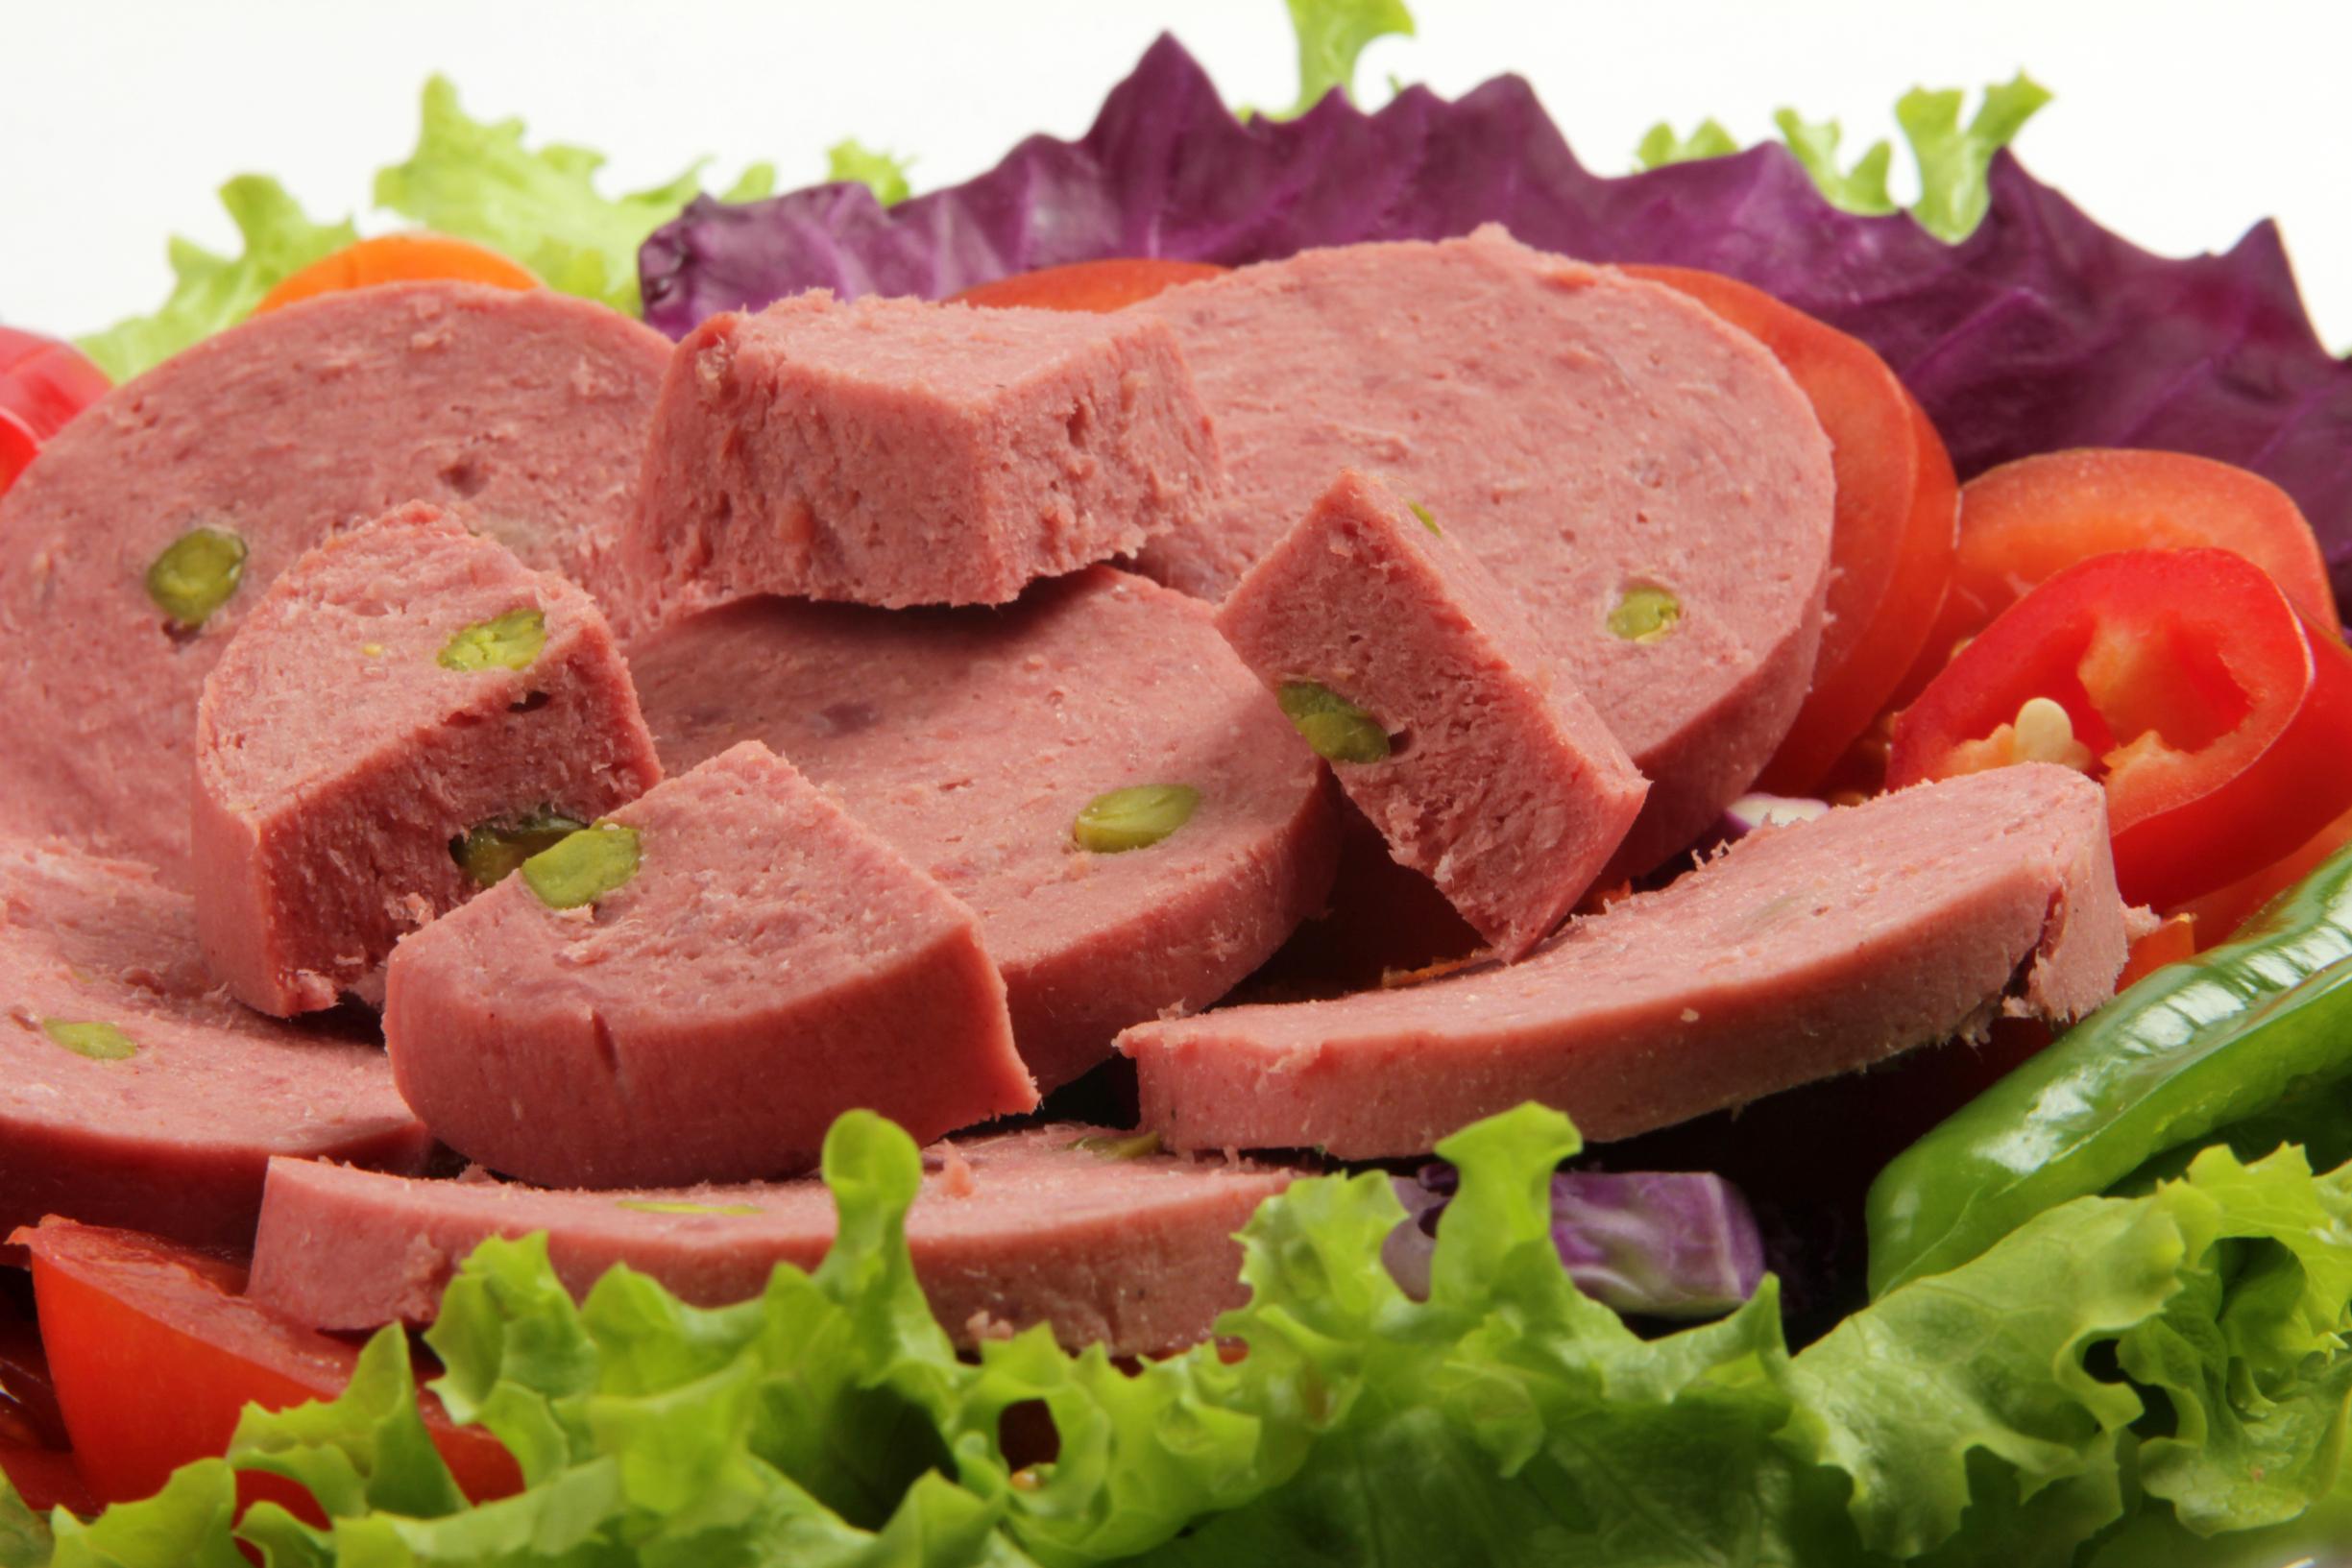 Эксперты «Росконтроля» проверили вареную колбасу